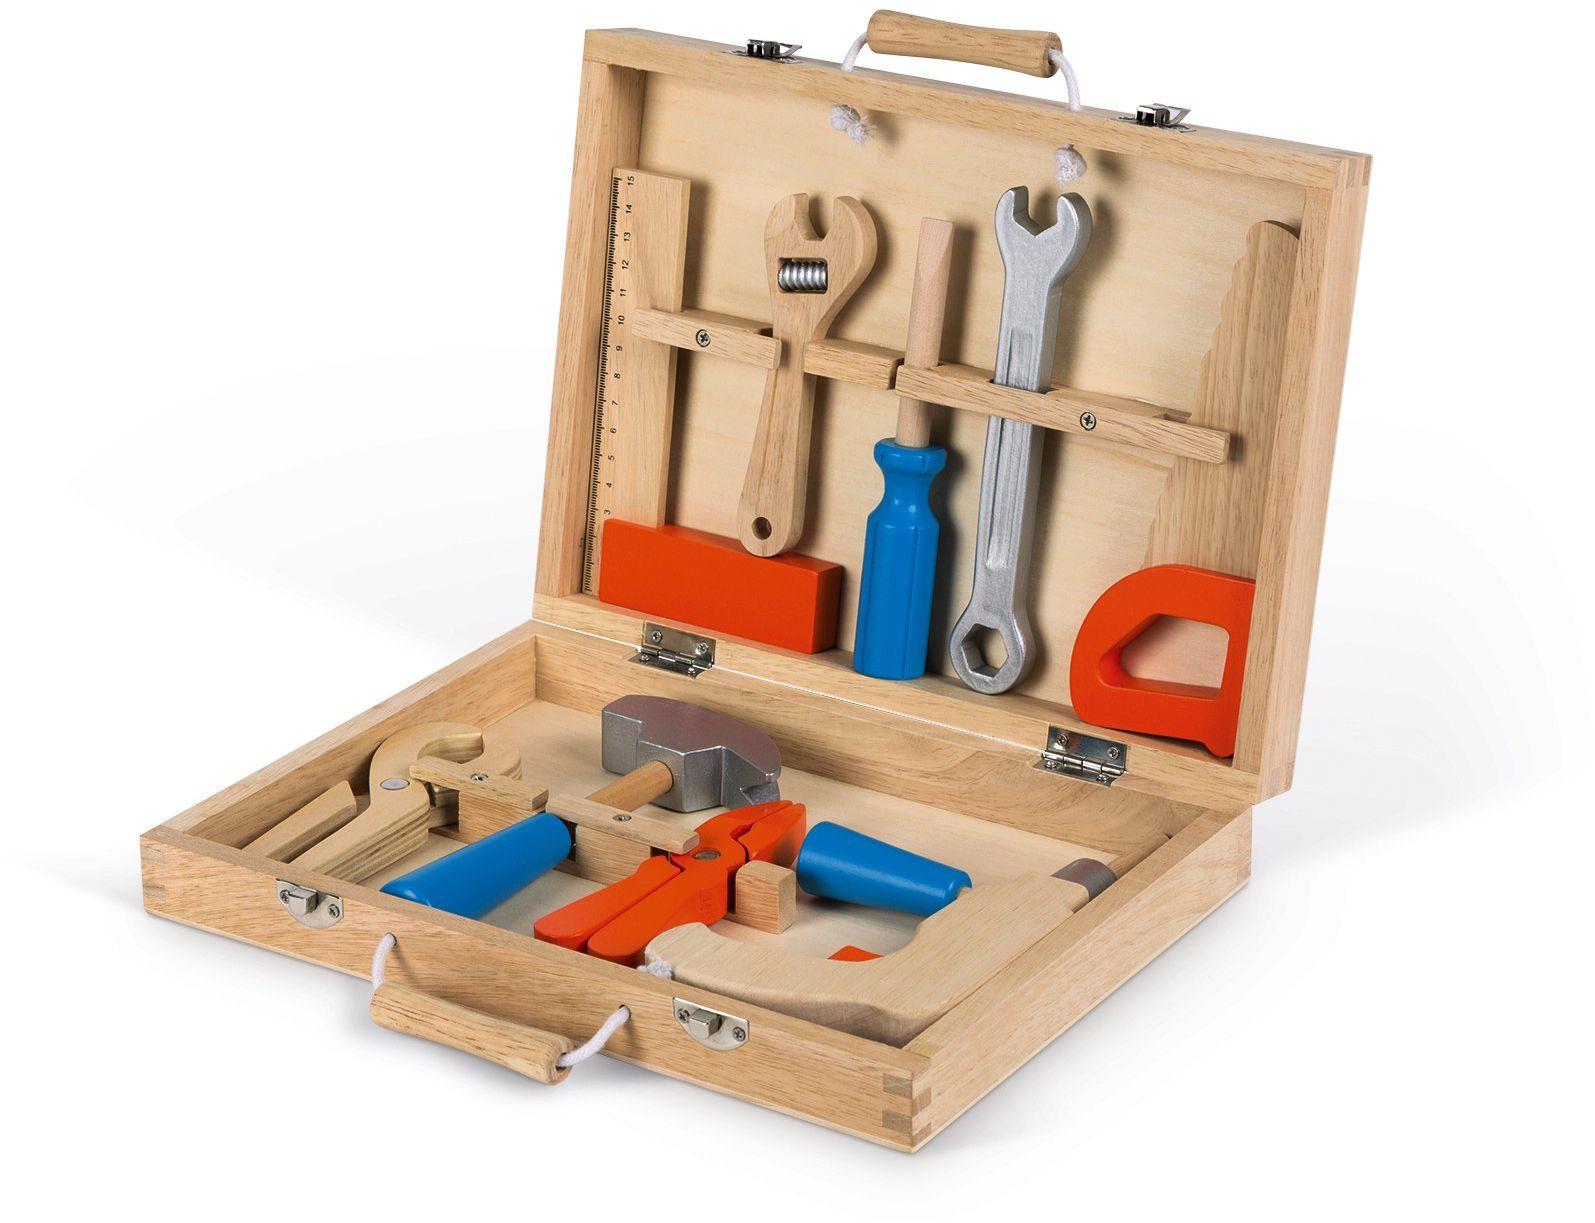 Janod - Brico''Kids J06481 skrzynka na narzędzia, drewniana dla dzieci, imitacja zabawek, 9 części, od 3 roku życia, J06481